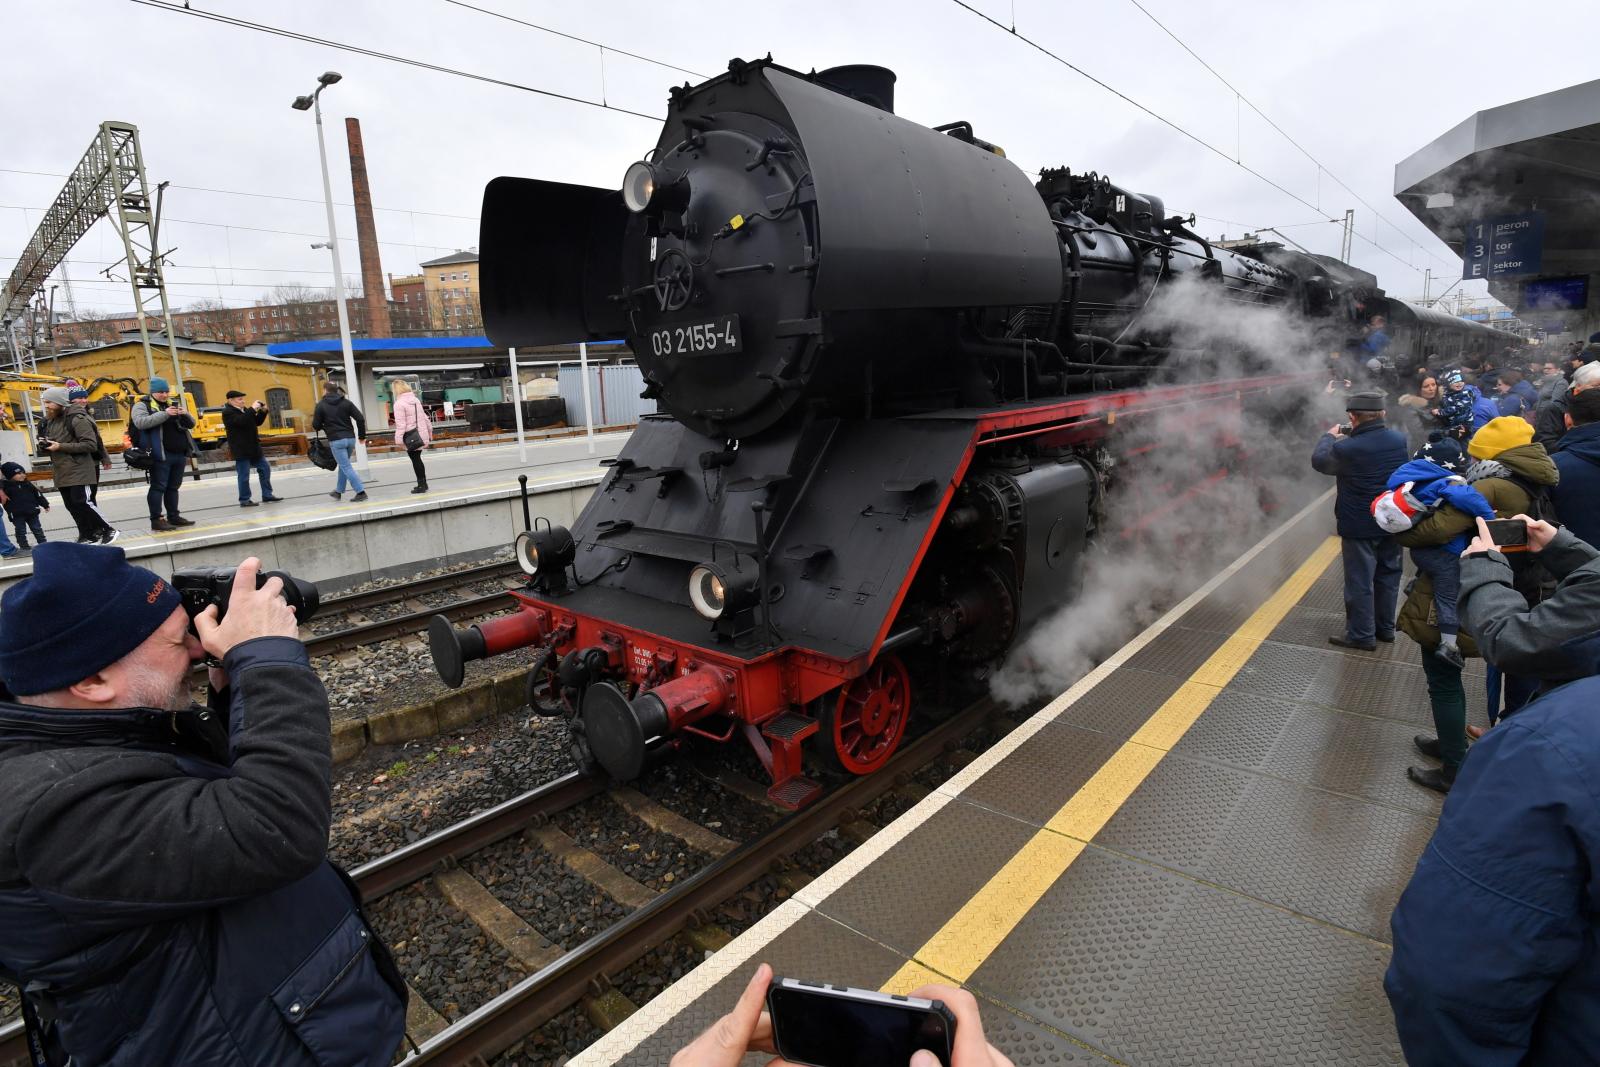 Zabytkowy pociąg na Dworcu Głównym w Szczecinie. PAP/Marcin Bielecki